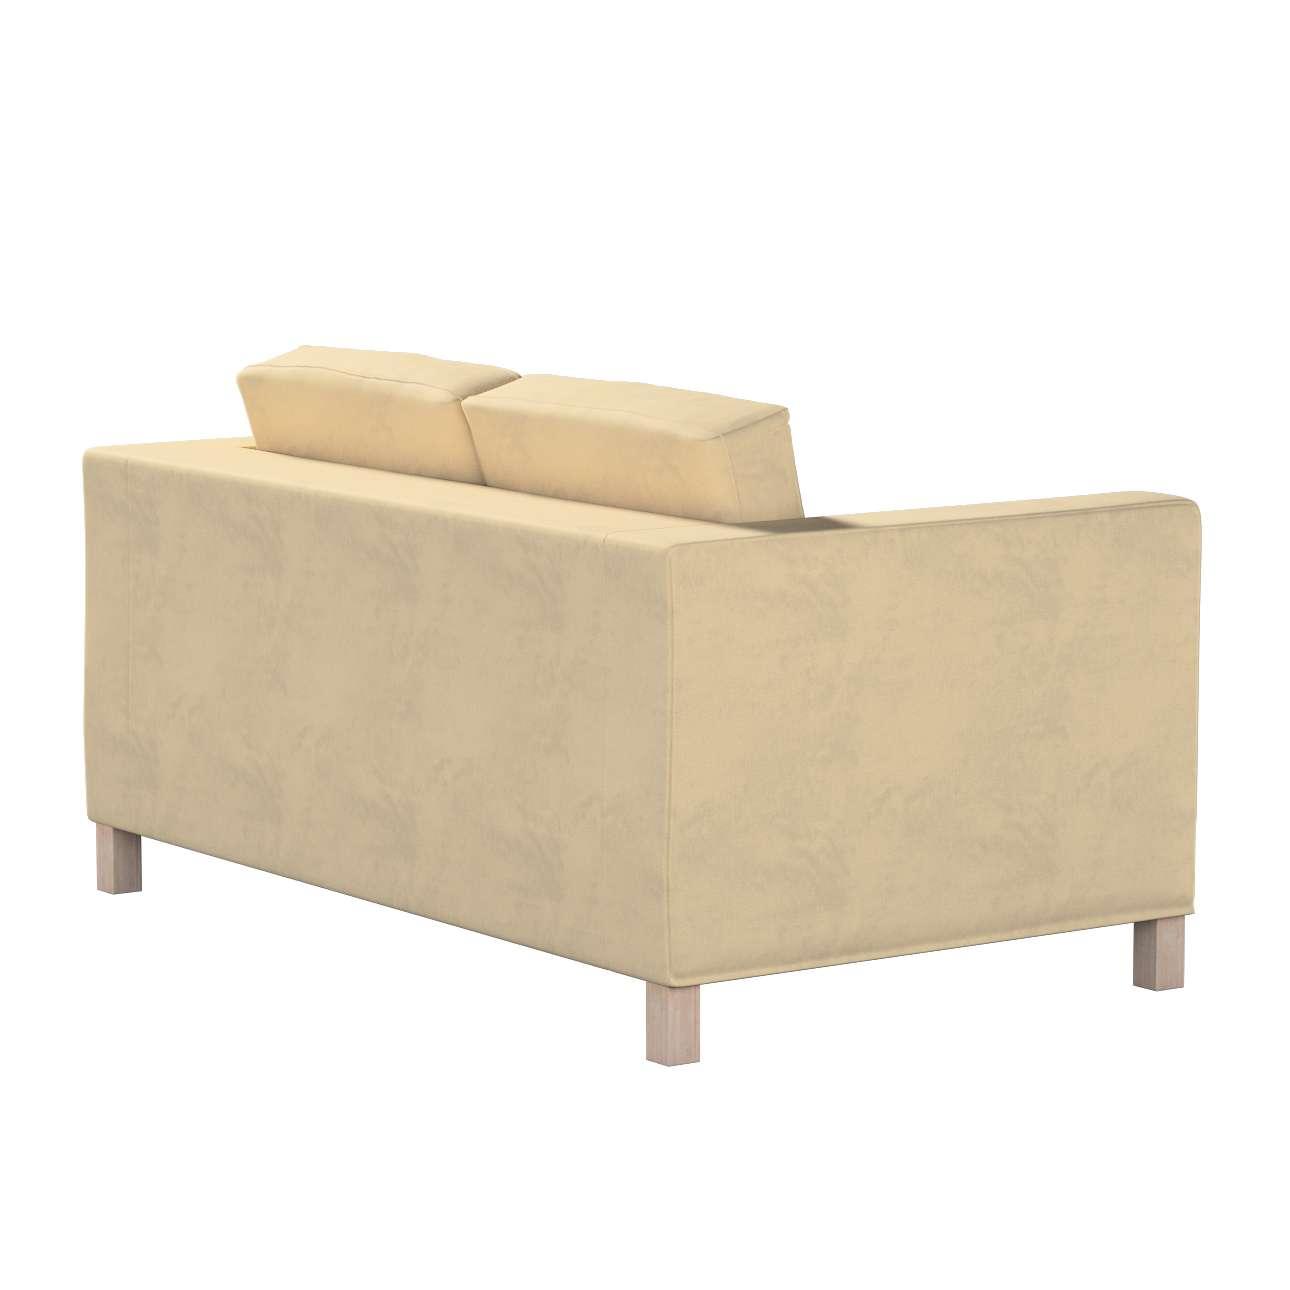 Potah na pohovku IKEA  Karlanda 2-místná, krátký v kolekci Living II, látka: 160-82